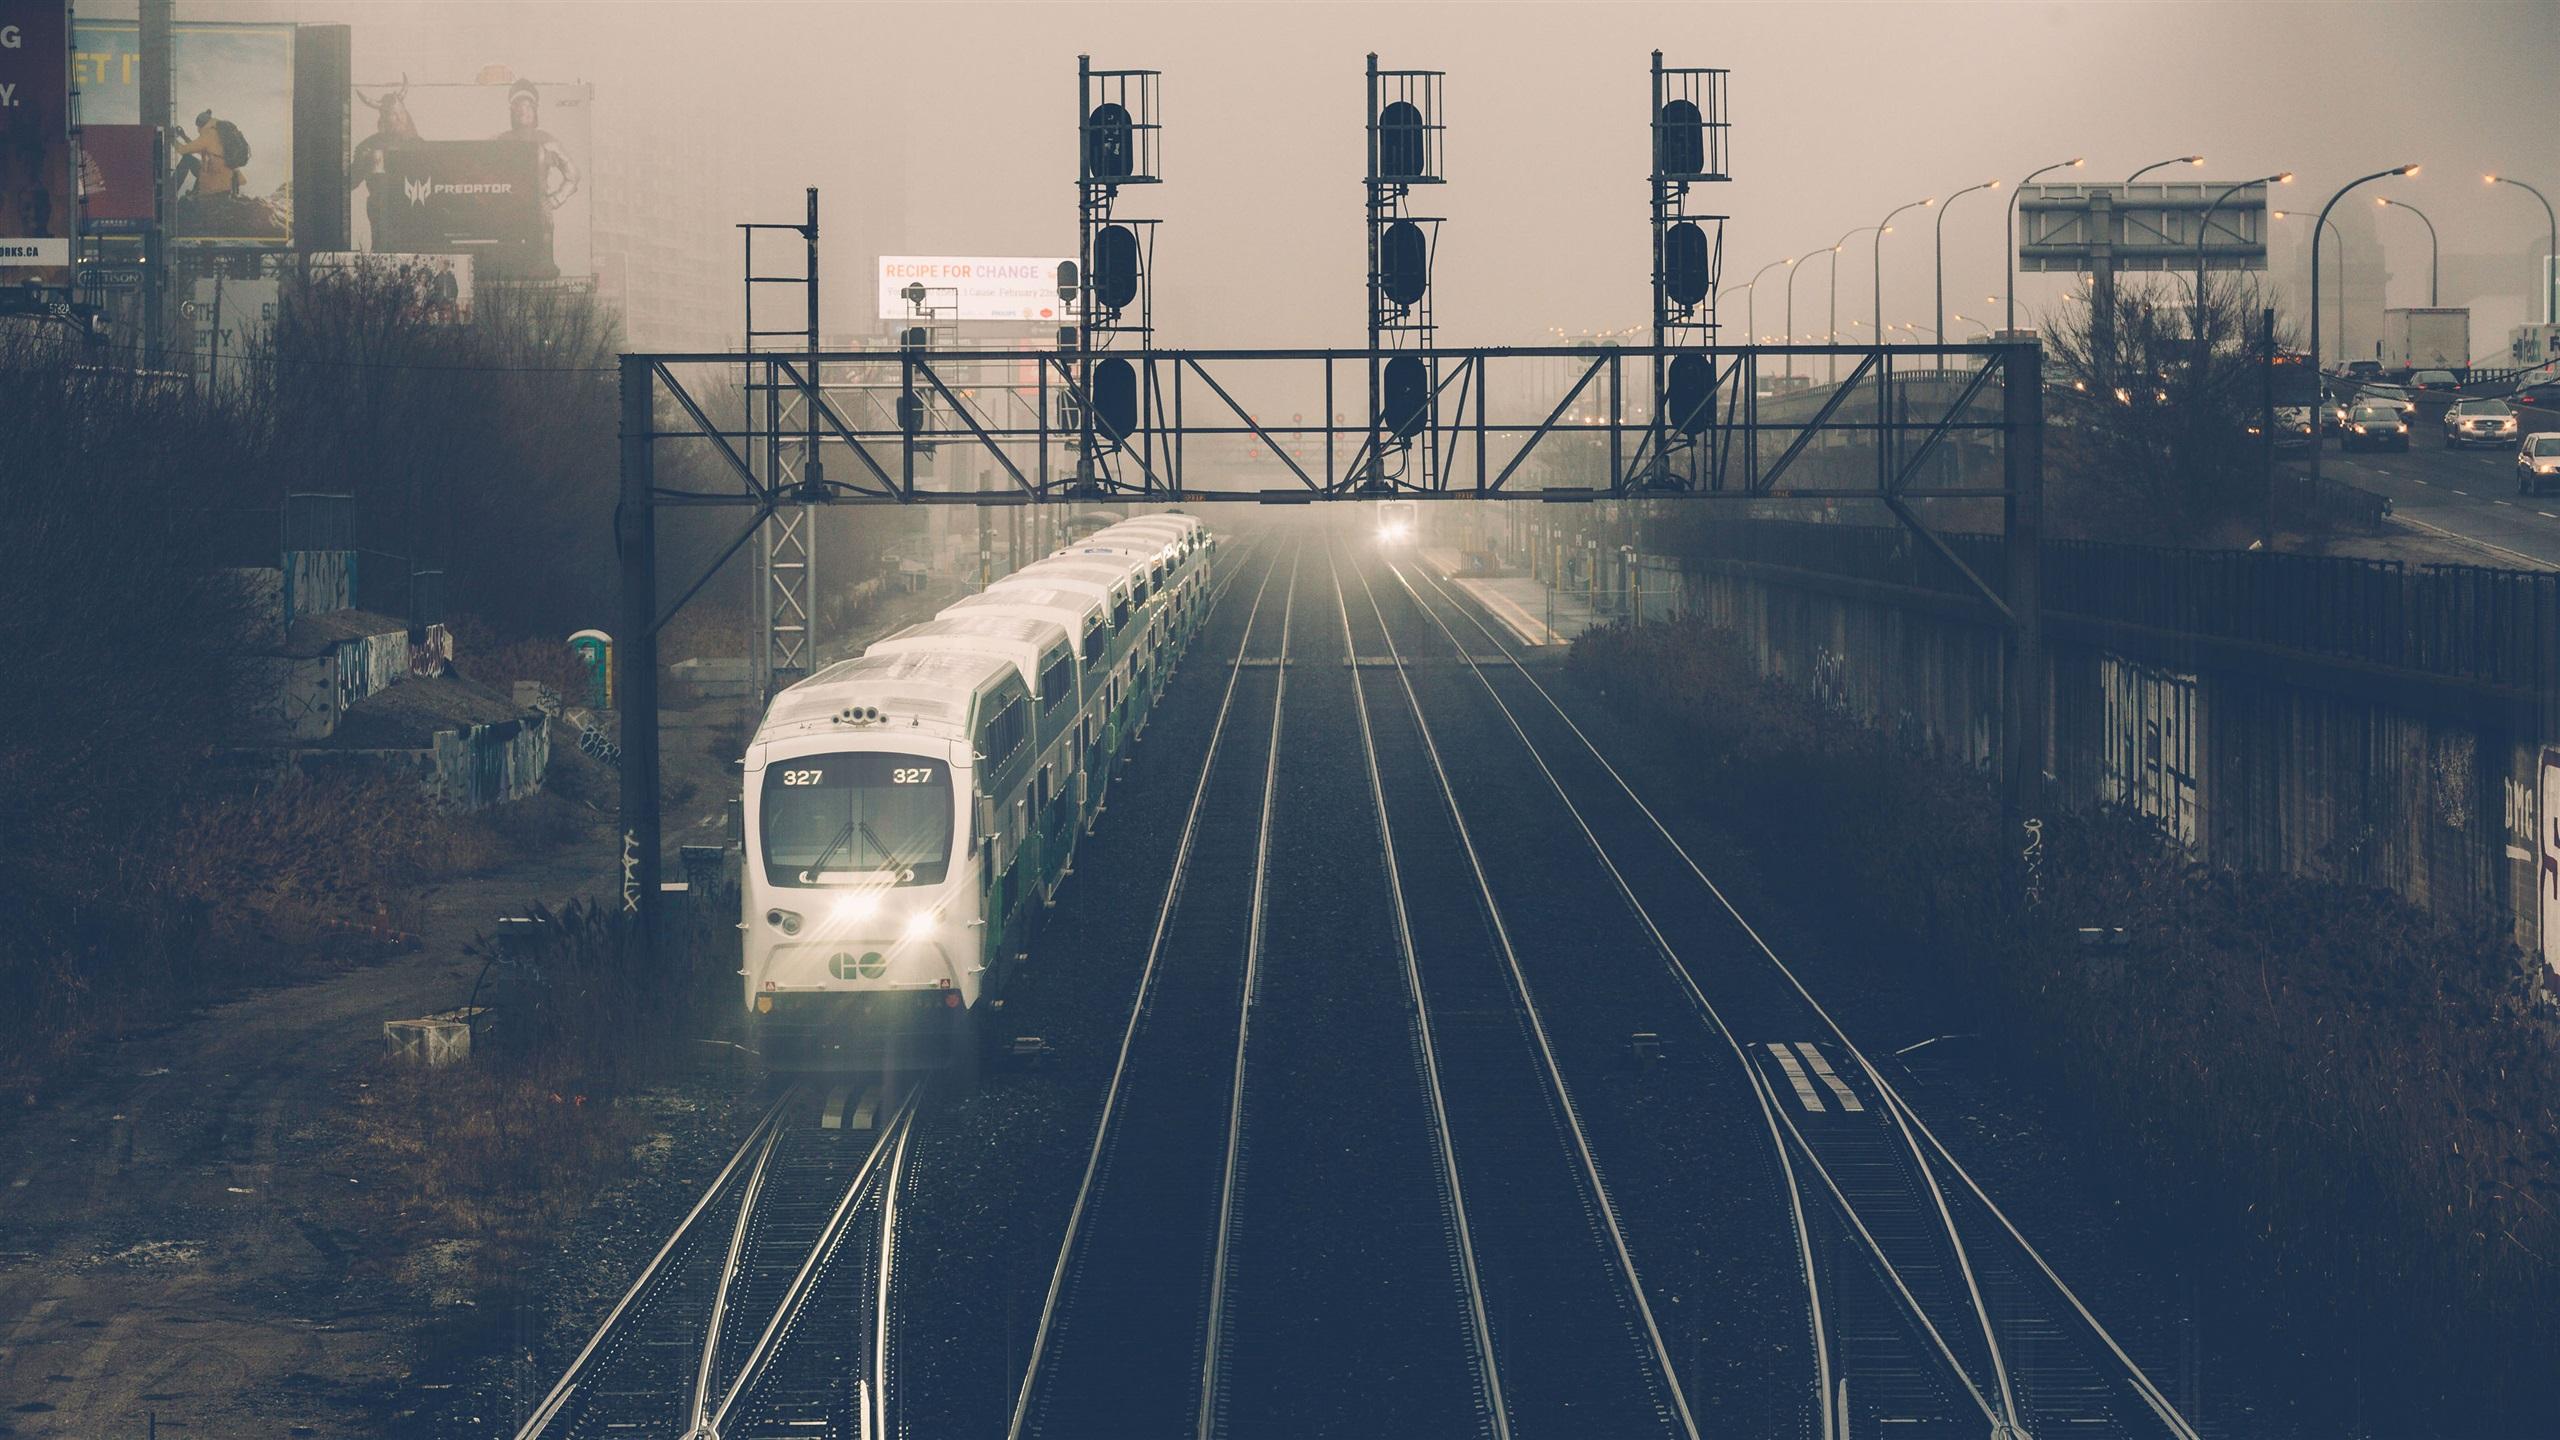 этого момента поезда на вокзале обои и картинки набирал высоту